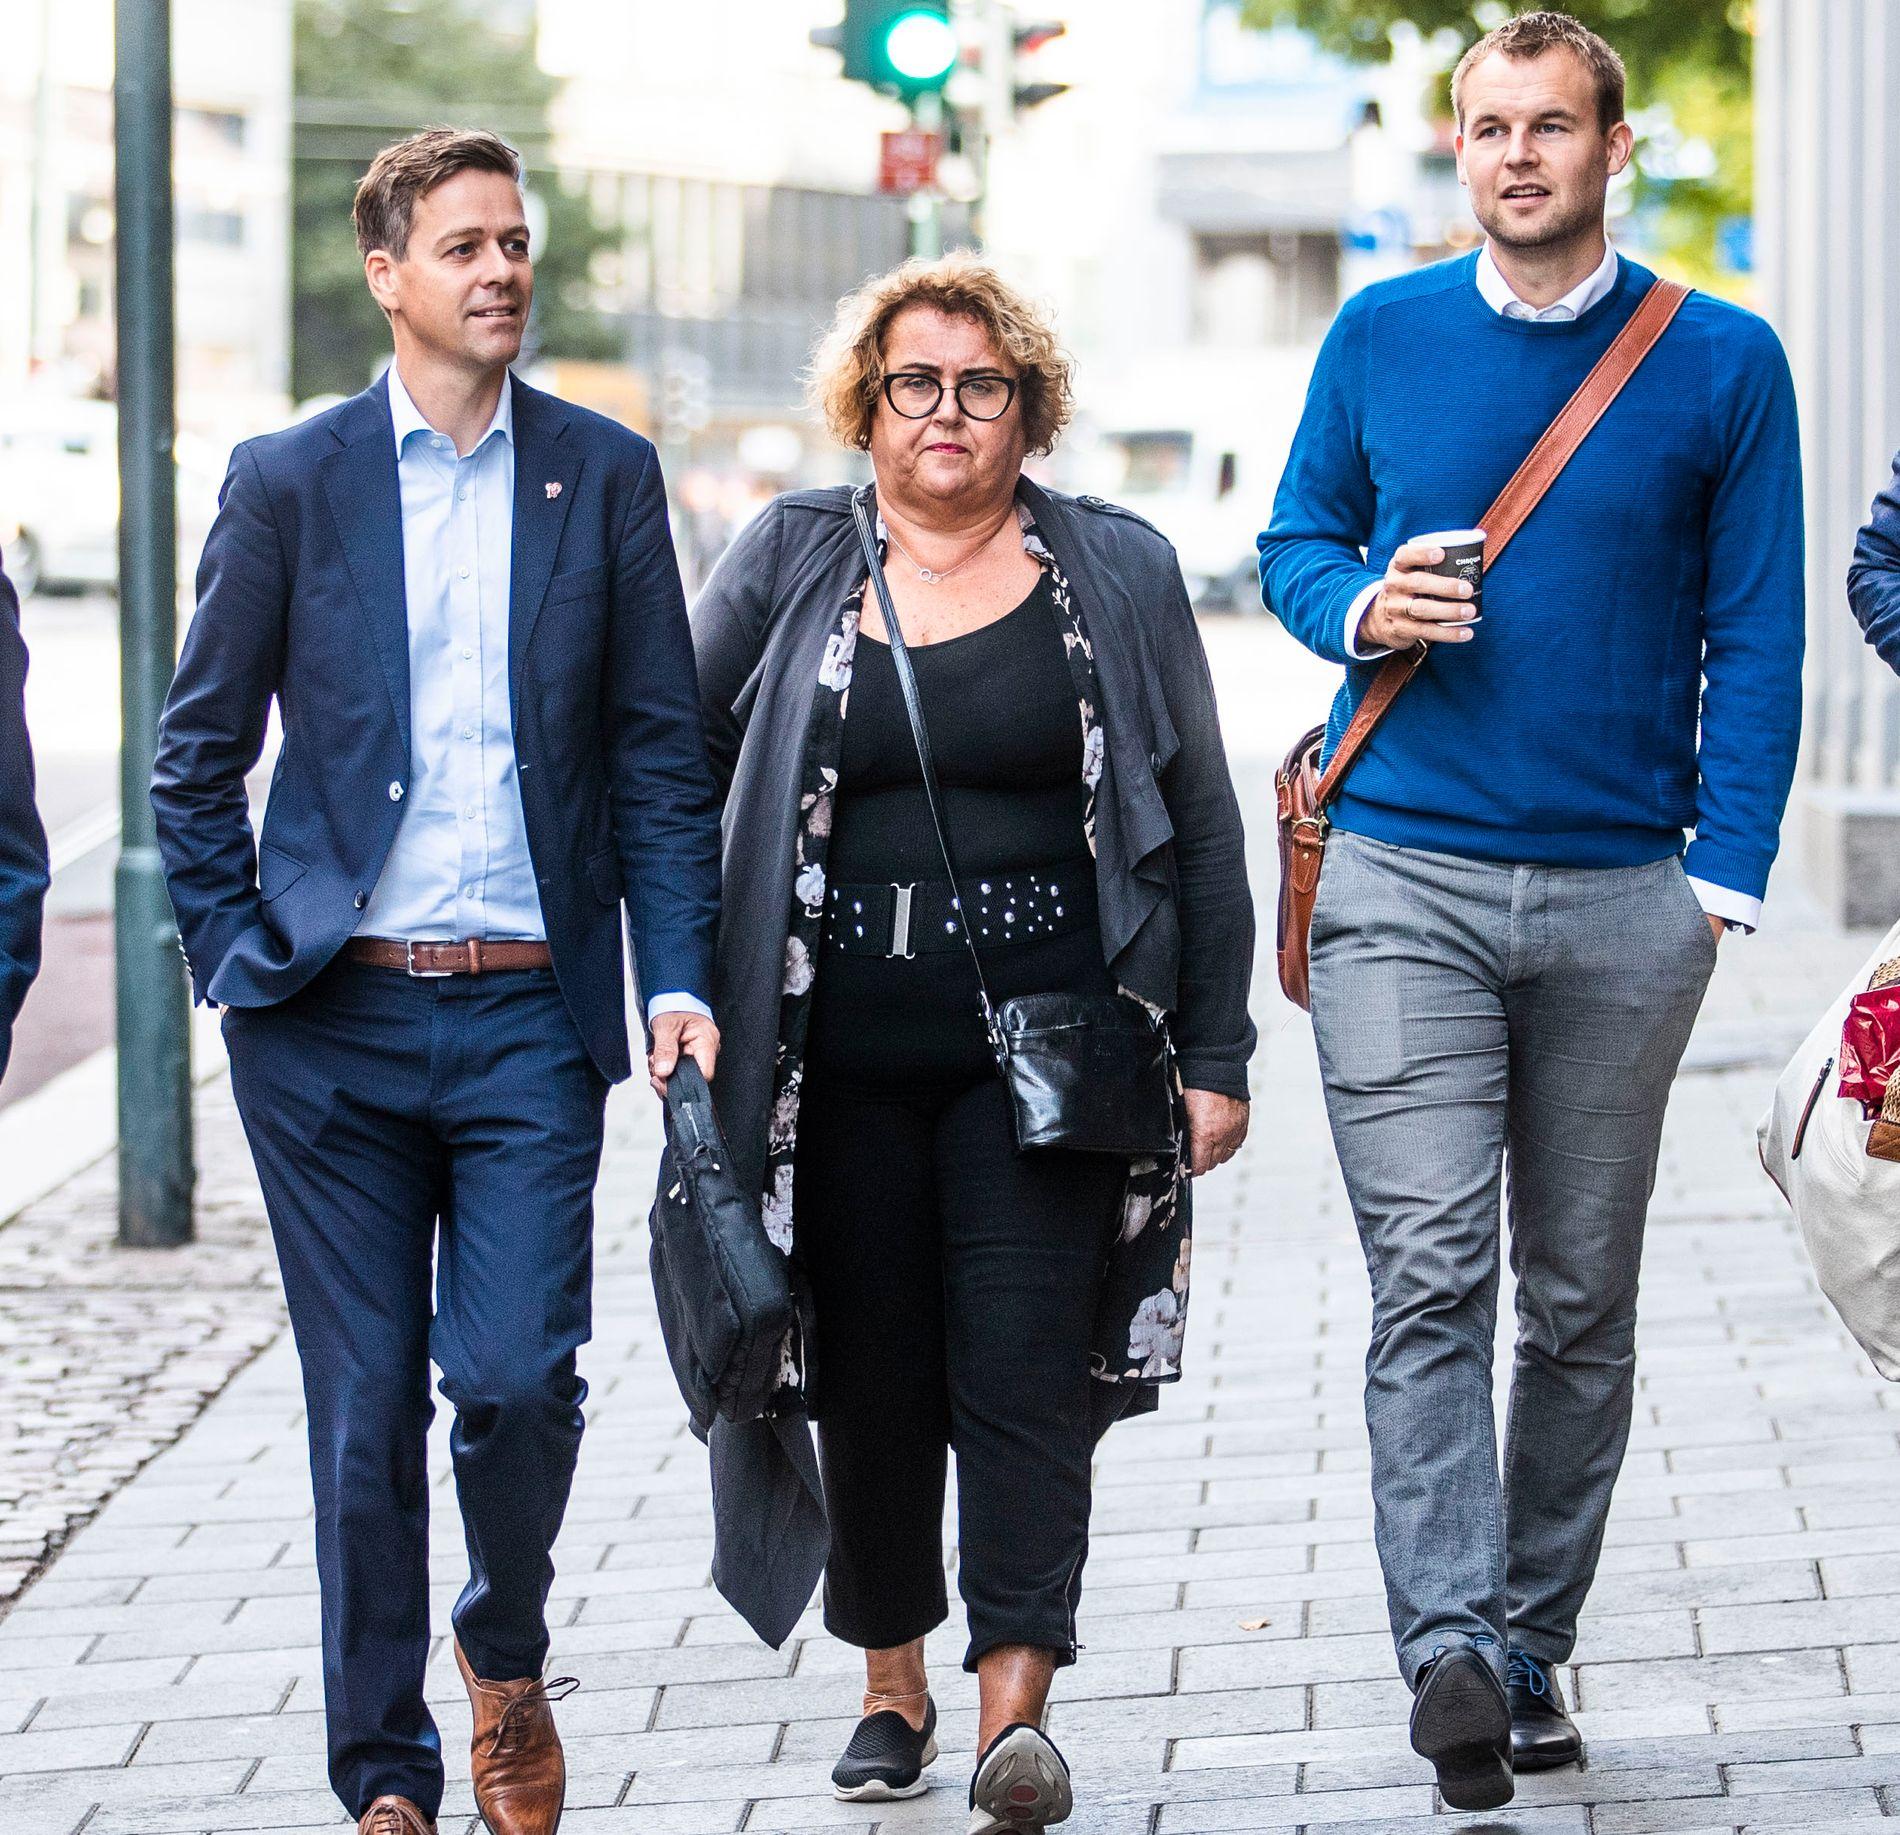 GÅR IKKE I PARADE: Hverken eksleder Knut Arild Hareide eller KrF-lederduoen Olaug Bollestad og Kjell Ingolf Ropstad blir å finne i Pride-paraden lørdag.